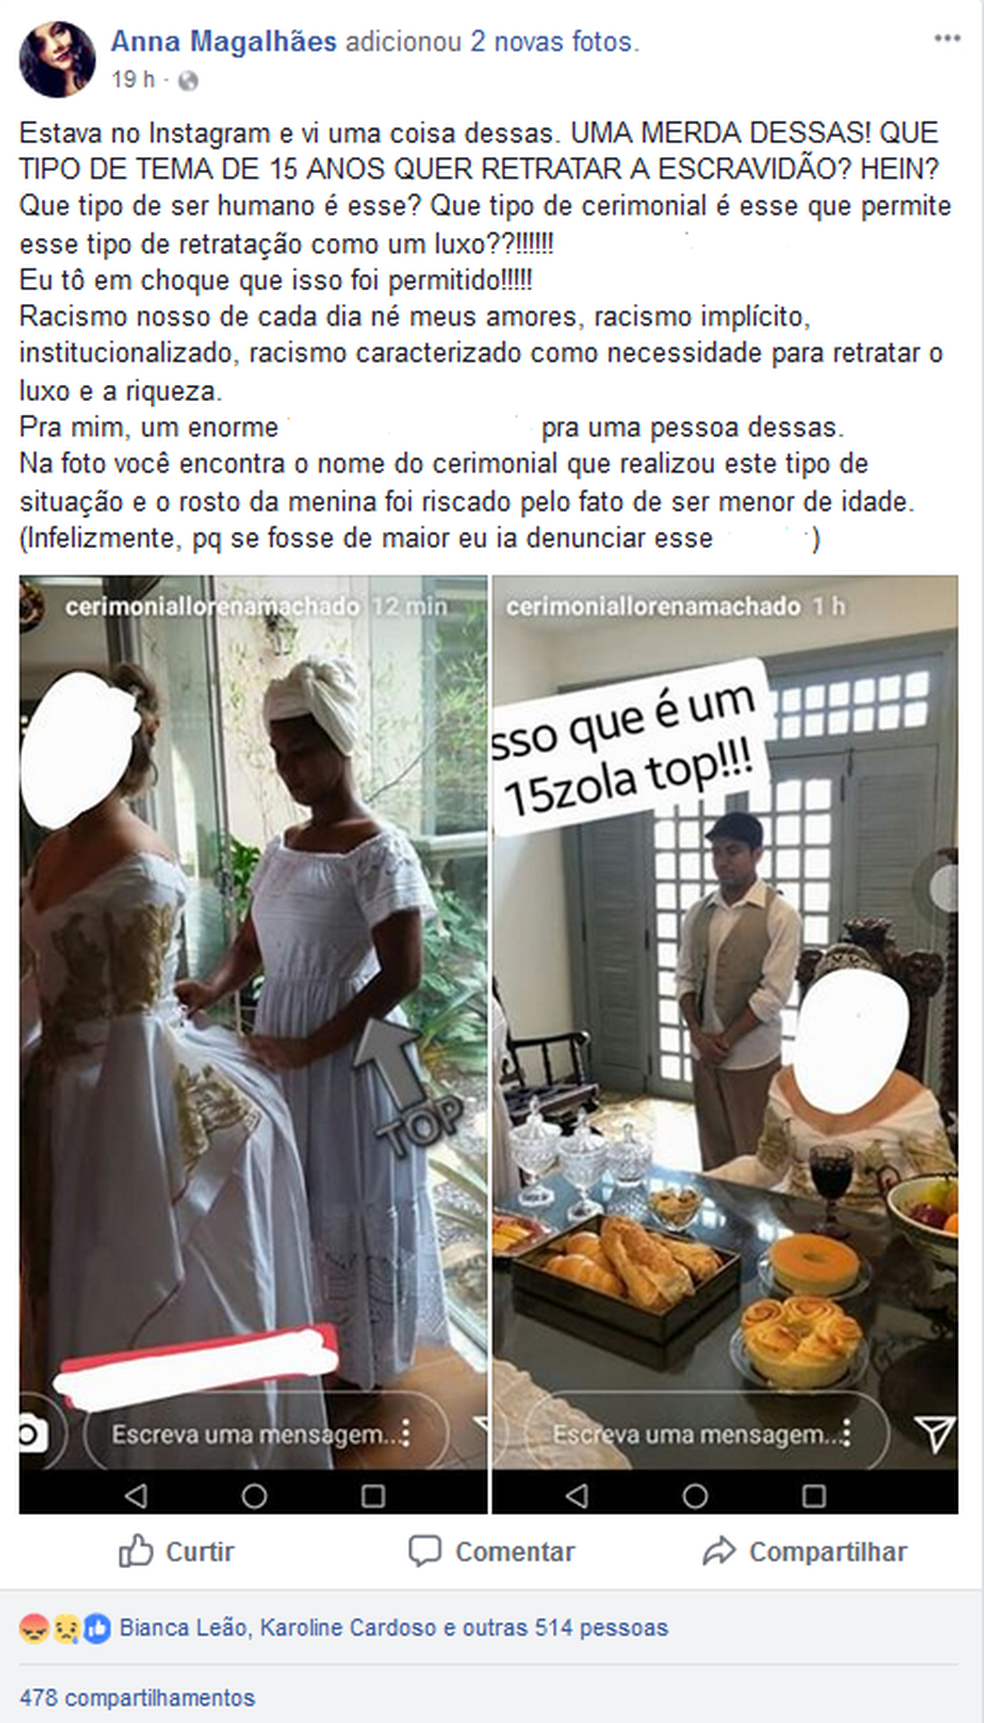 Publicação mostra as imagens onde negros aparecem servindo a debutante. (Foto: Reprodução / Facebook)